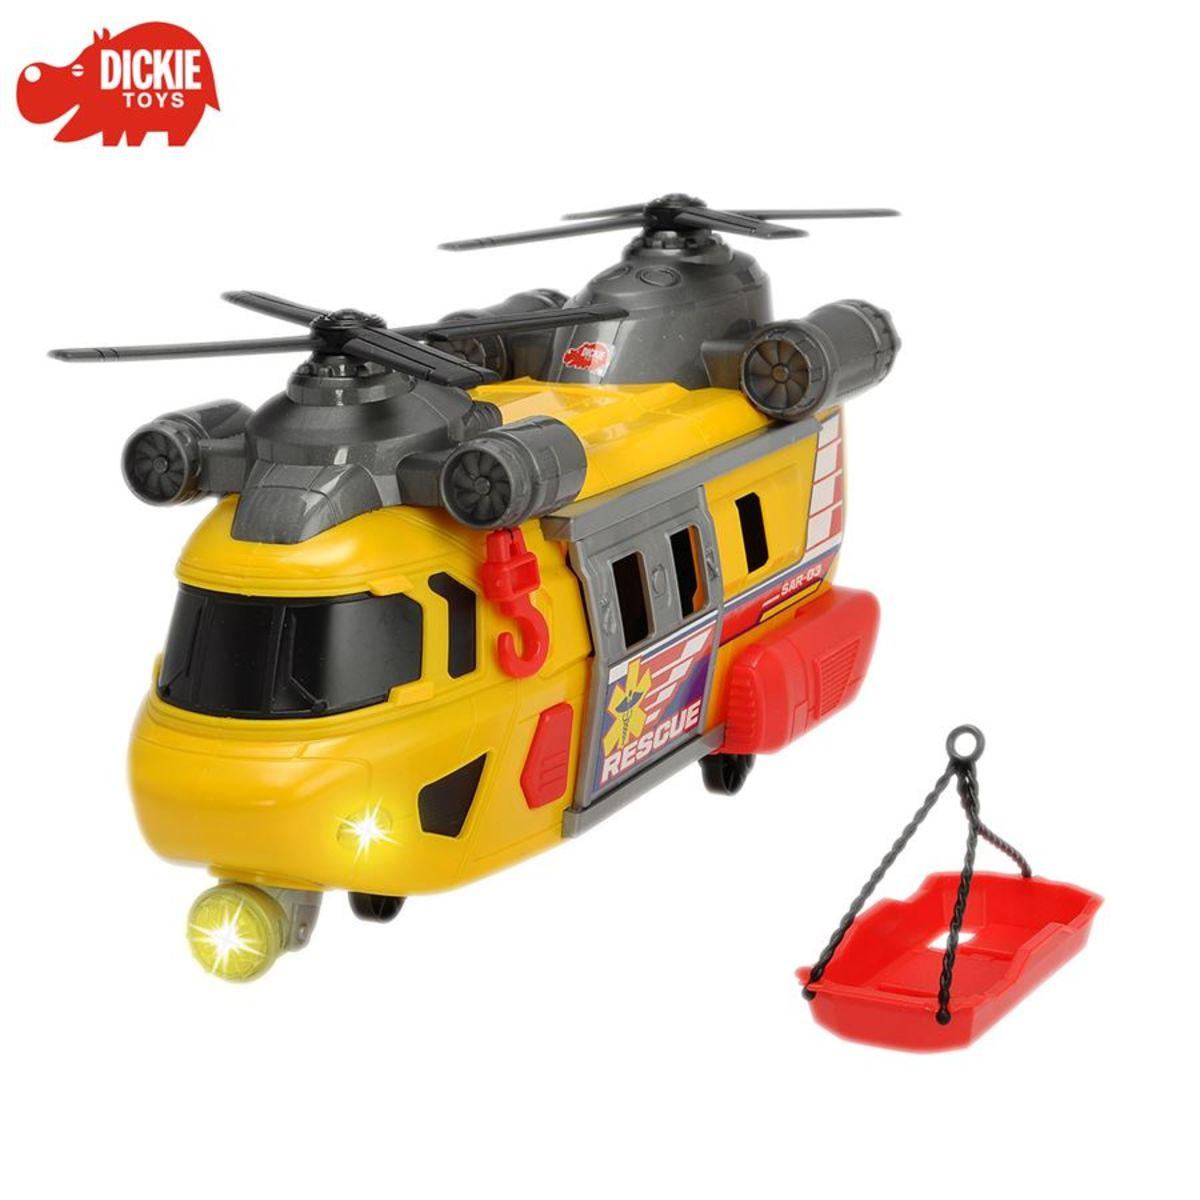 Bild 1 von Dickie Toys Rettungshubschrauber Rescue Helicopter